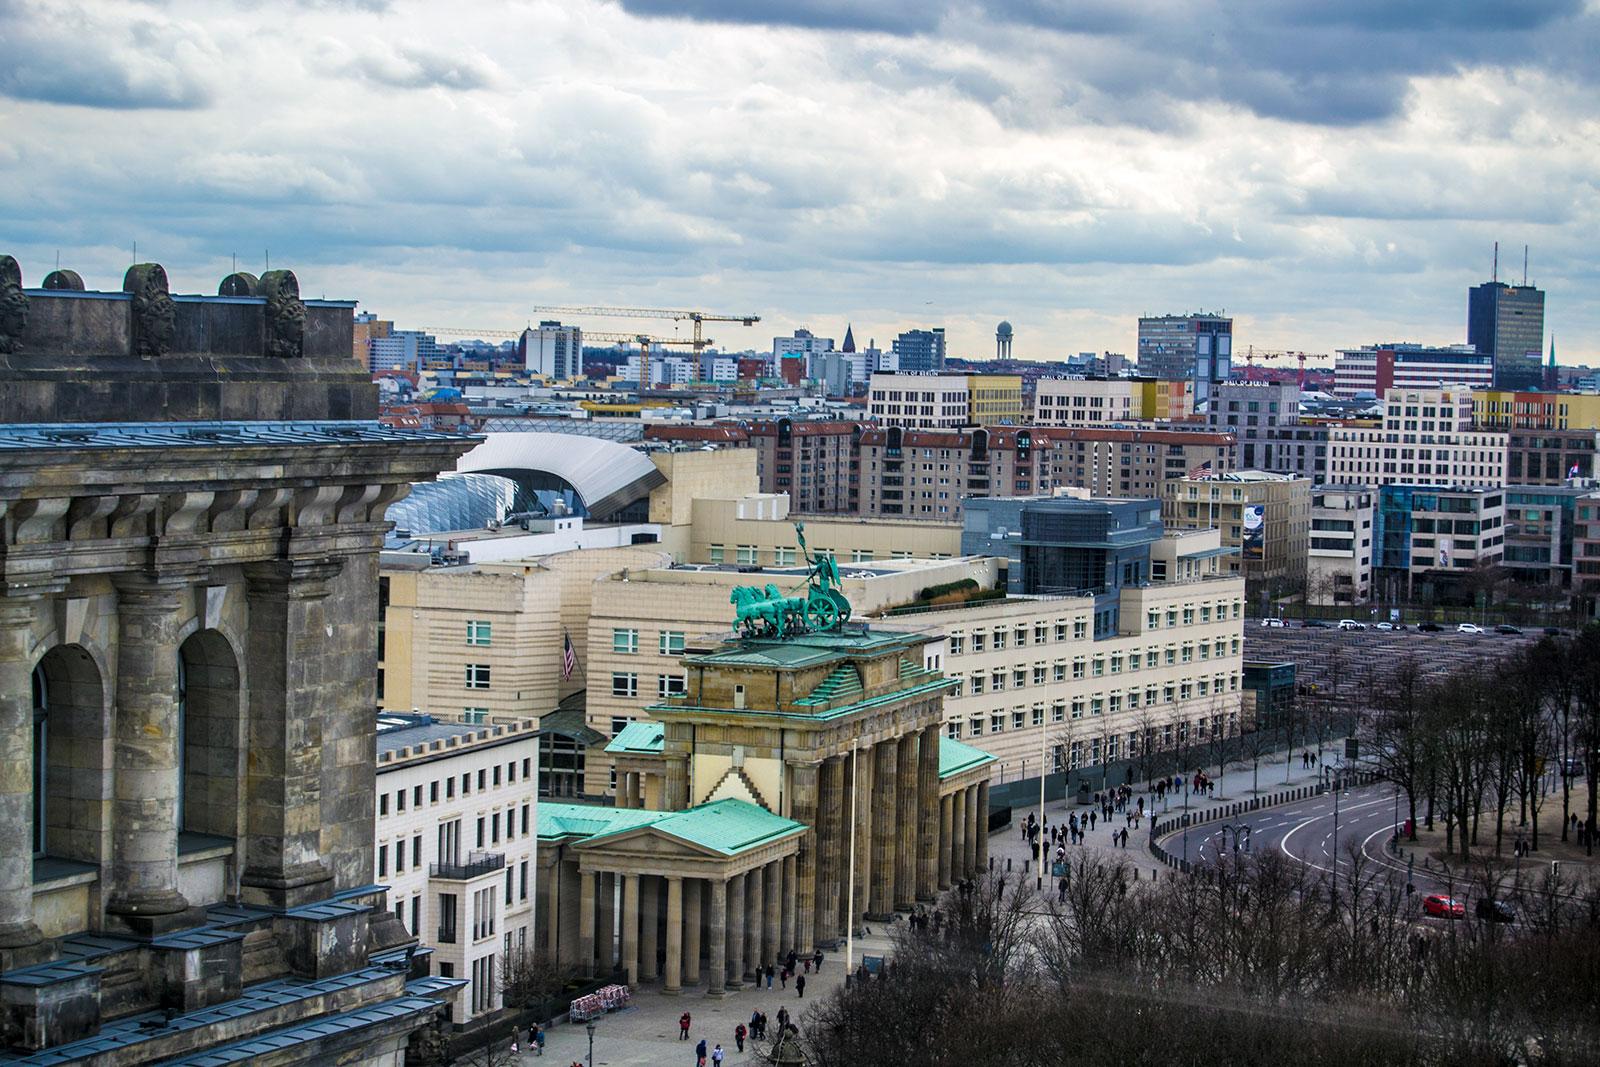 Vistas de la puerta de Brandenburgo desde la cúpula del Reichstag - día 4 en Berlín